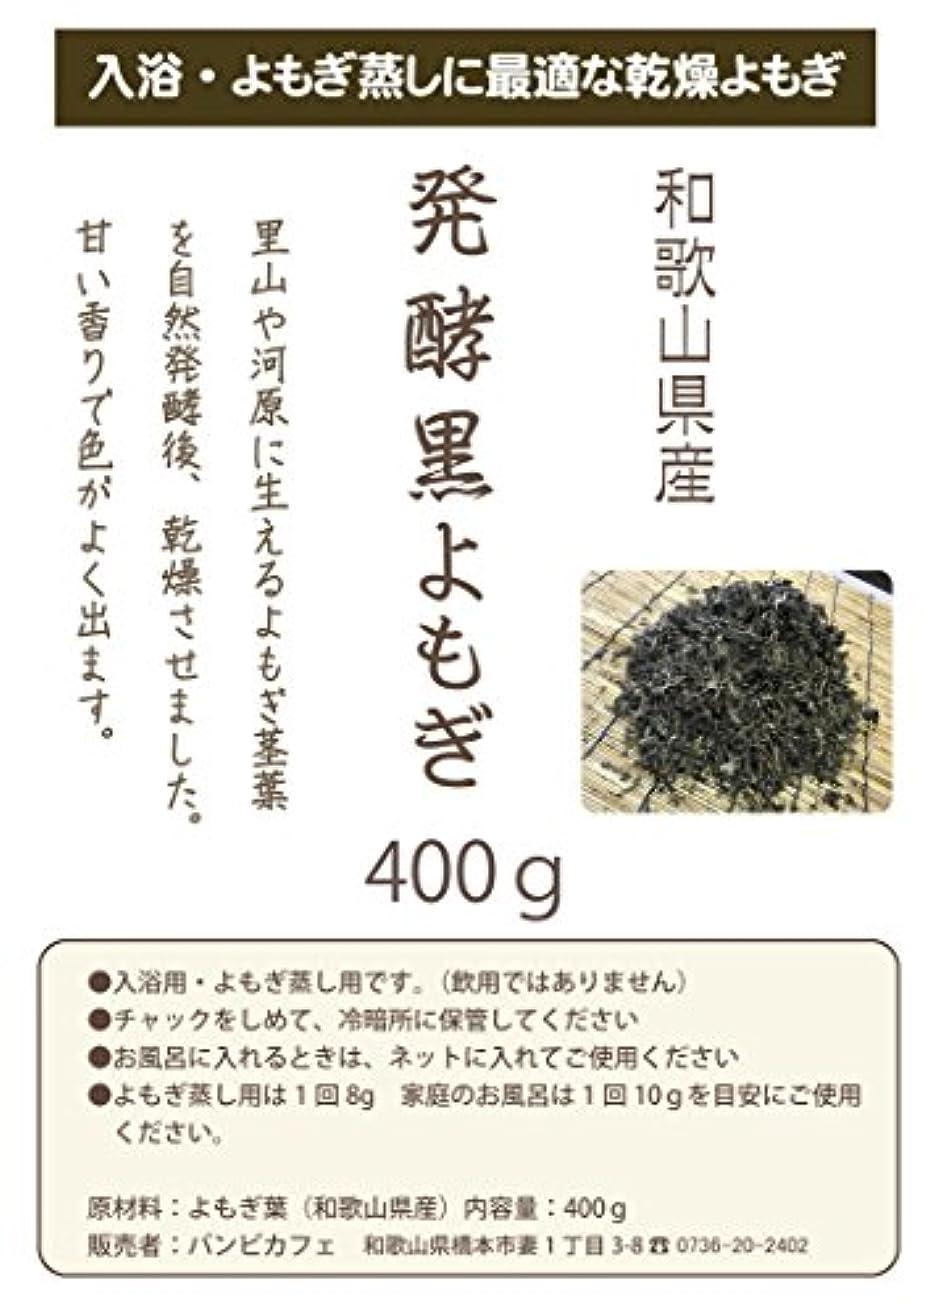 誤知覚的魅了する発酵黒よもぎ 400g 乾燥 和歌山県産 入浴用に特化発酵 黒 よもぎ